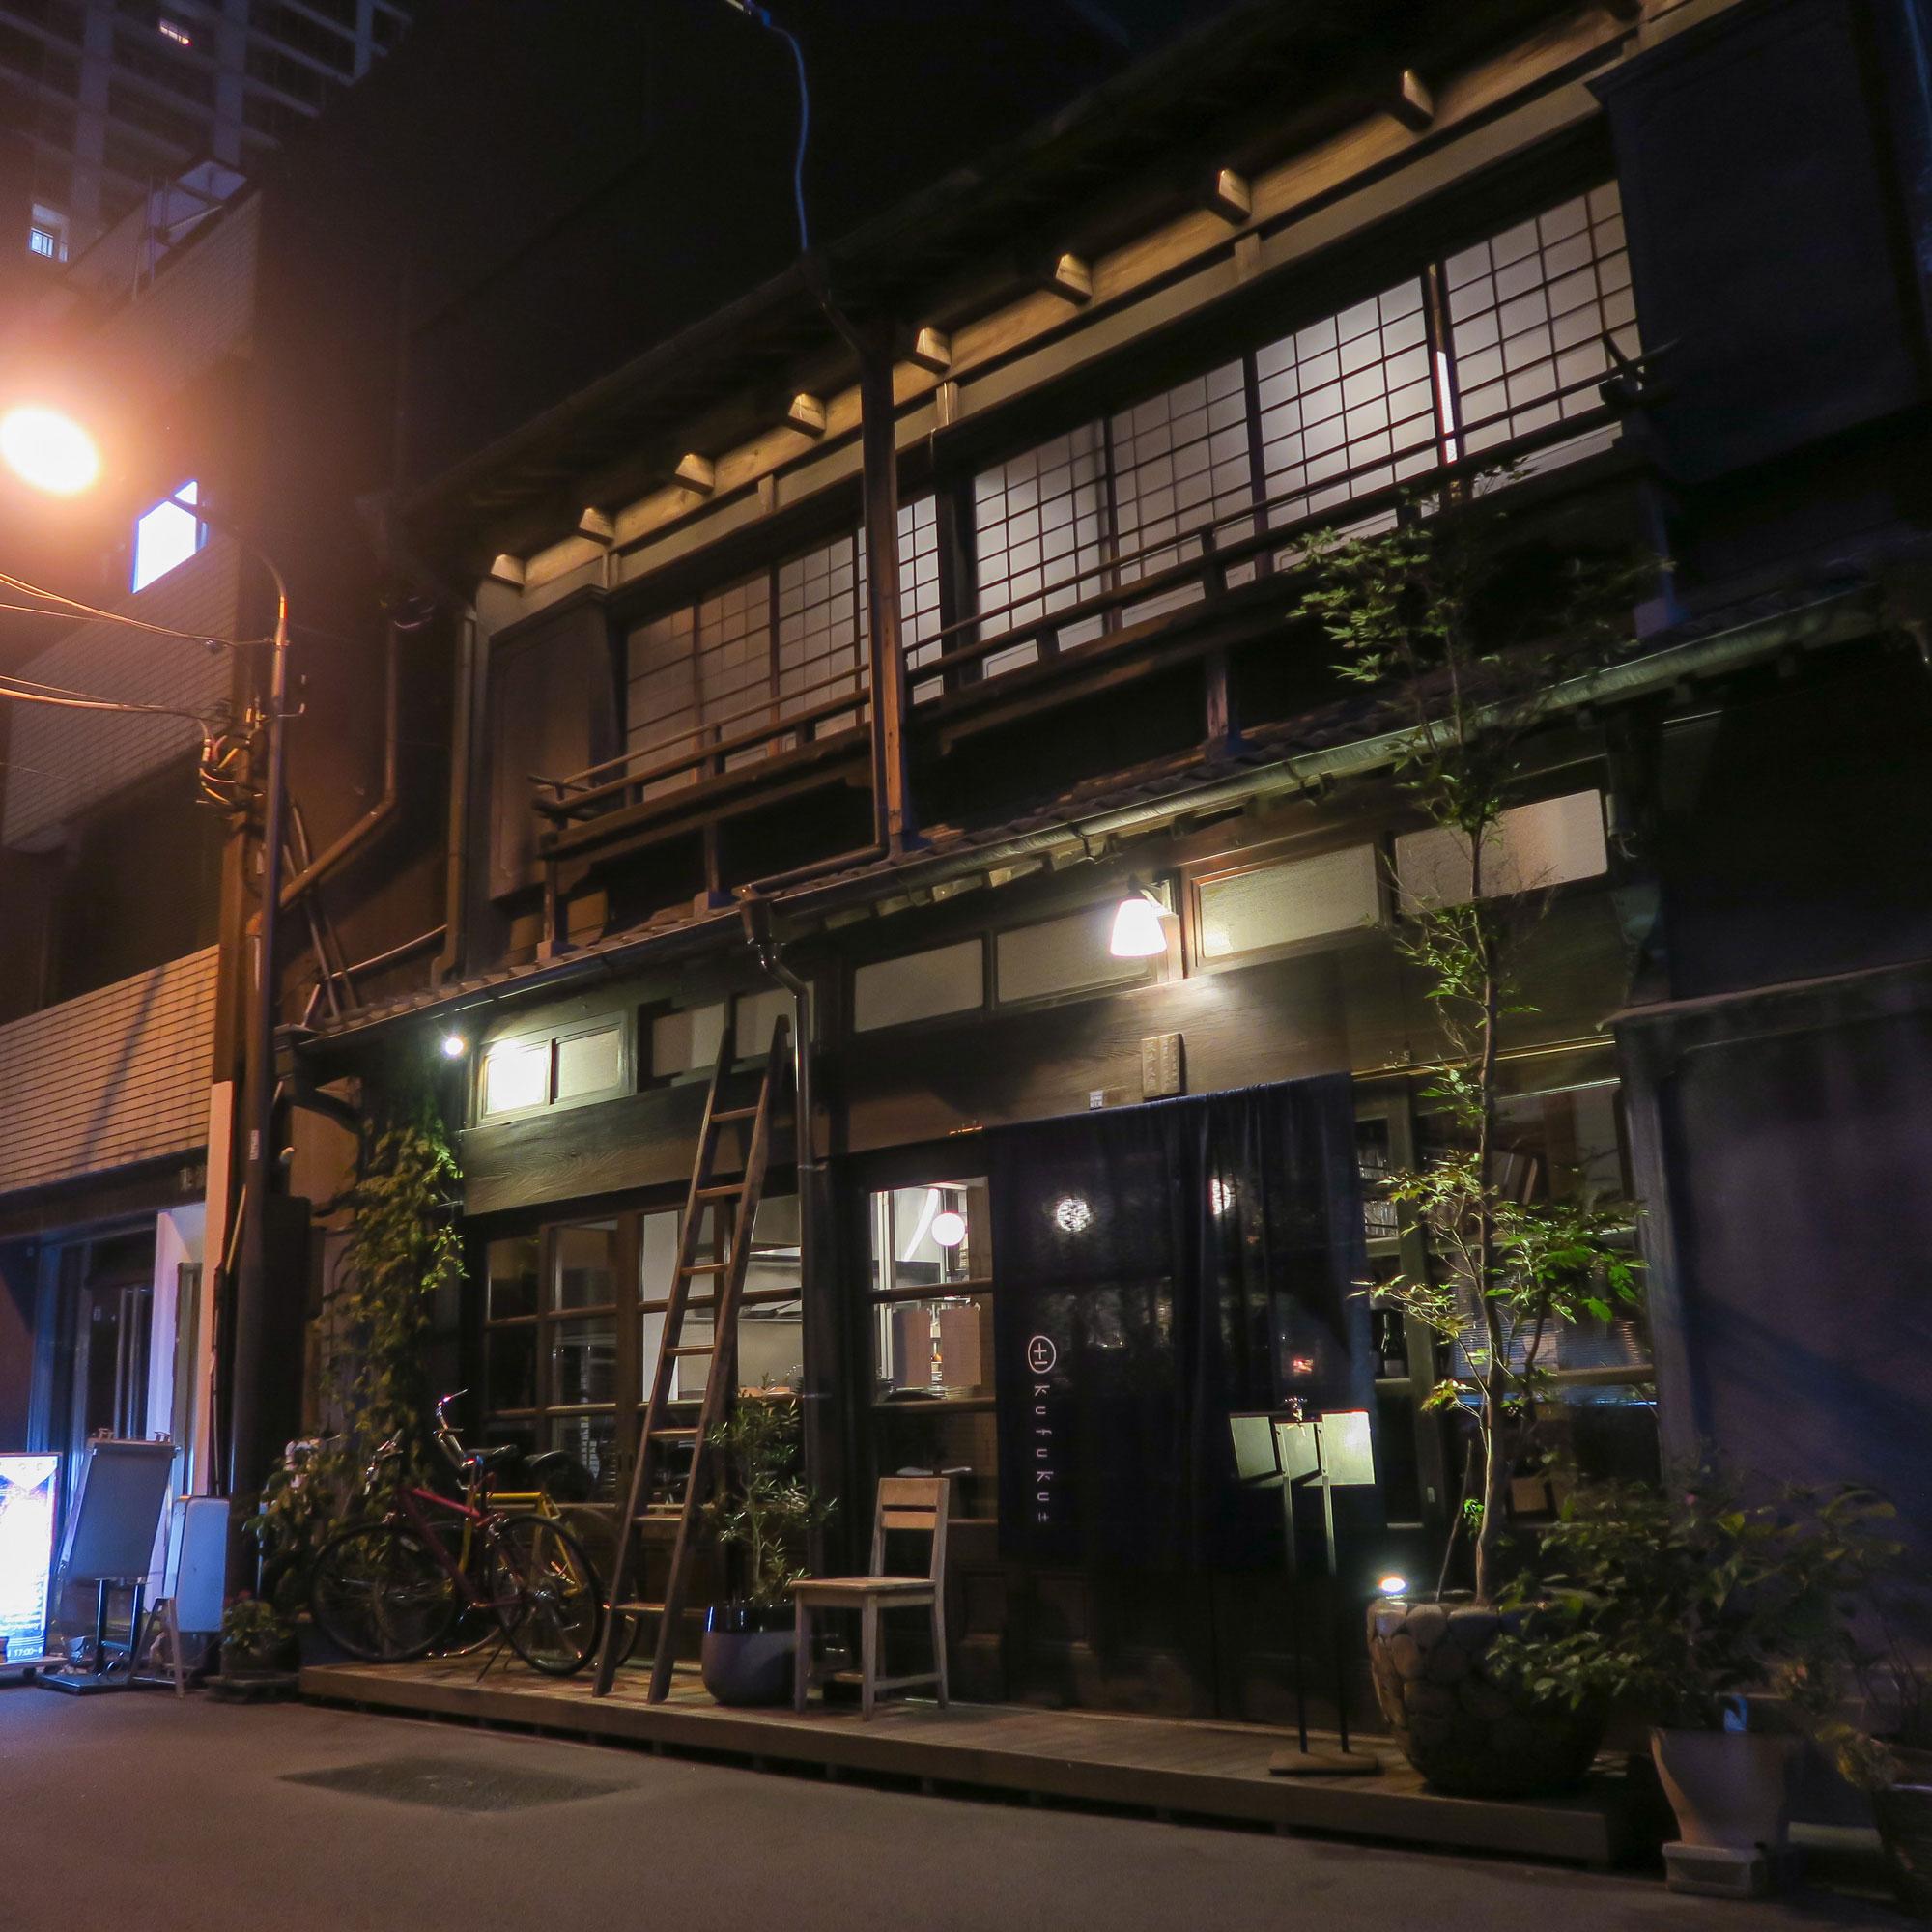 shigeki-wakabayashi-dlgwEXY1xRI-unsplashjpg